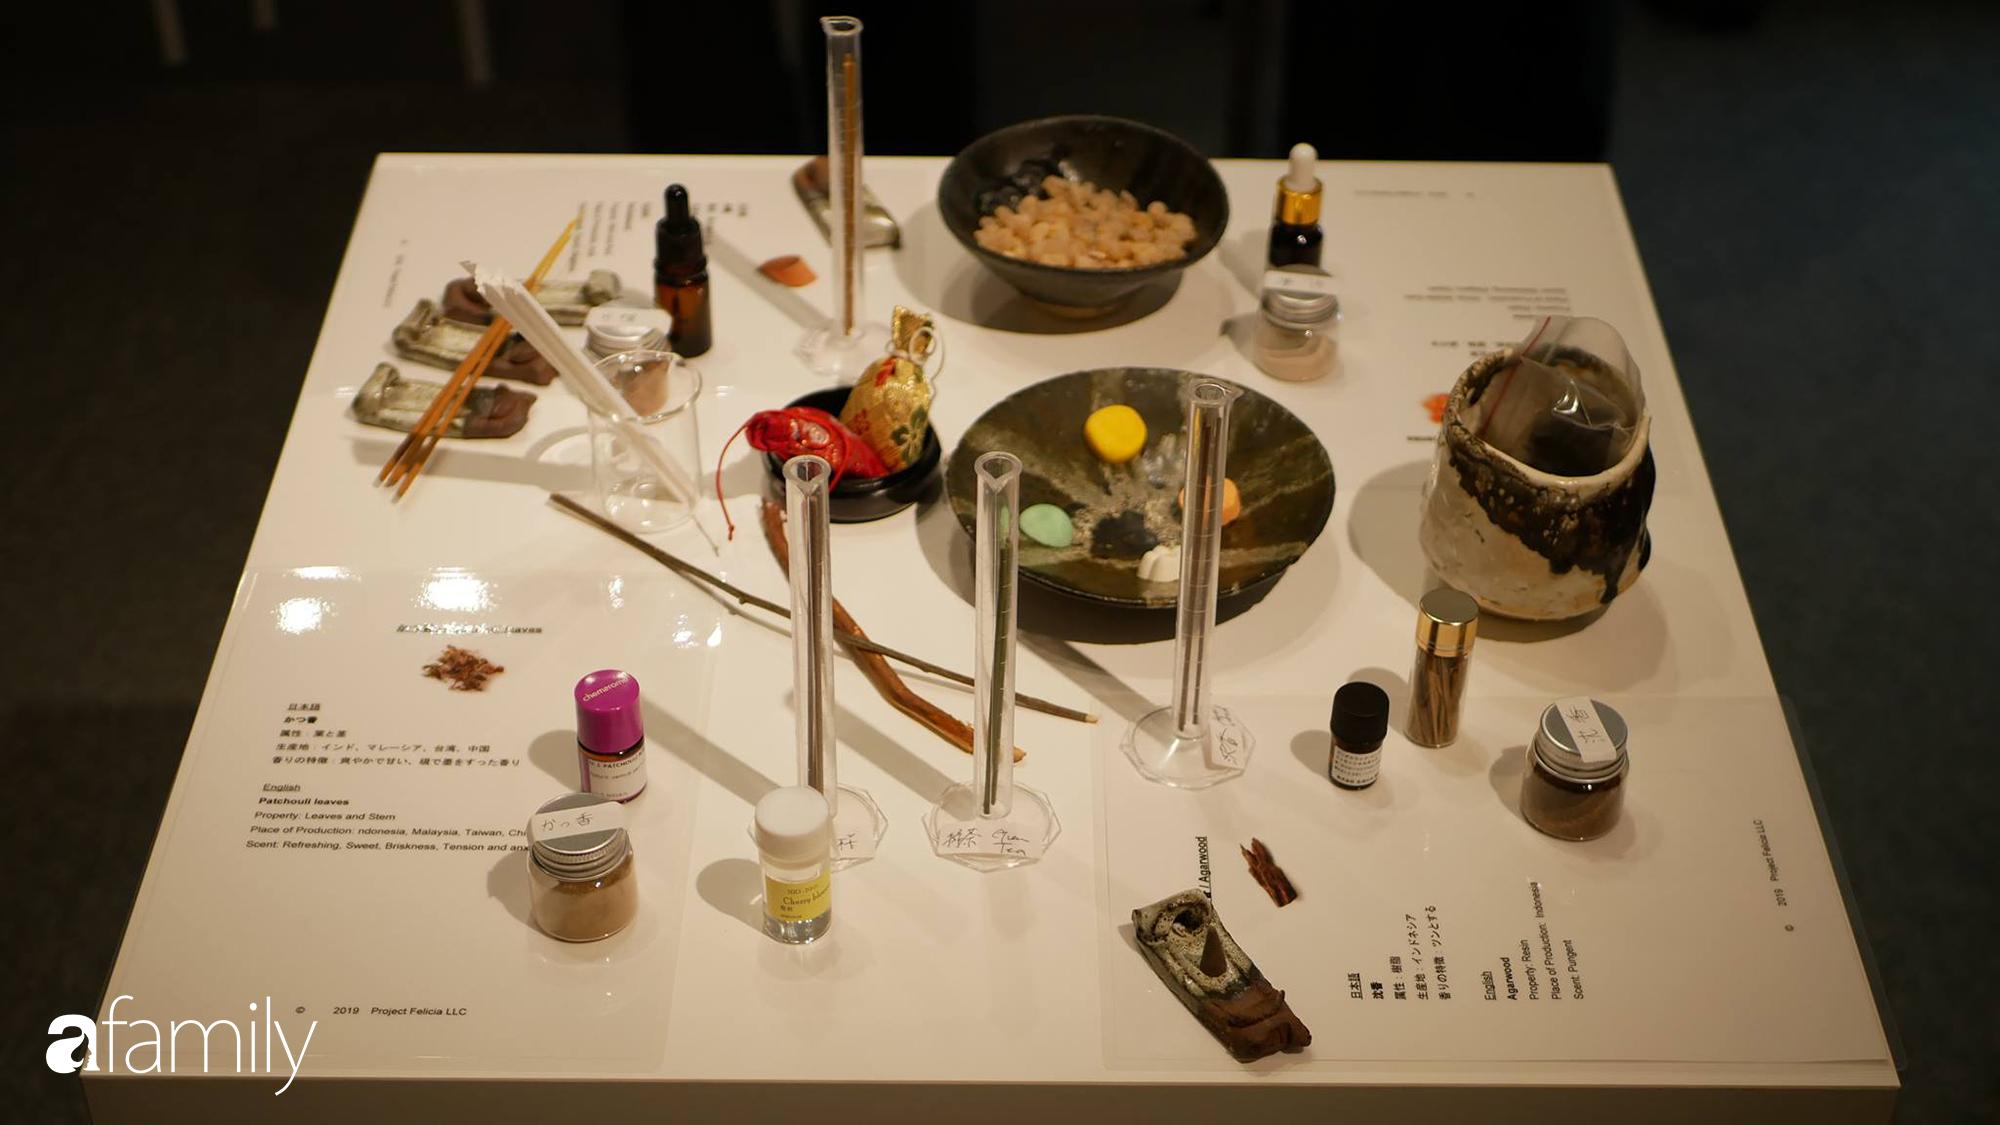 Rei Nguyễn - Nghệ sĩ nước hoa người Việt đầu tiên tổ chức triển lãm tại Nhật Bản, từ bỏ nghề Ngân hàng để được cháy hết mình trong thế giới mùi hương - Ảnh 6.